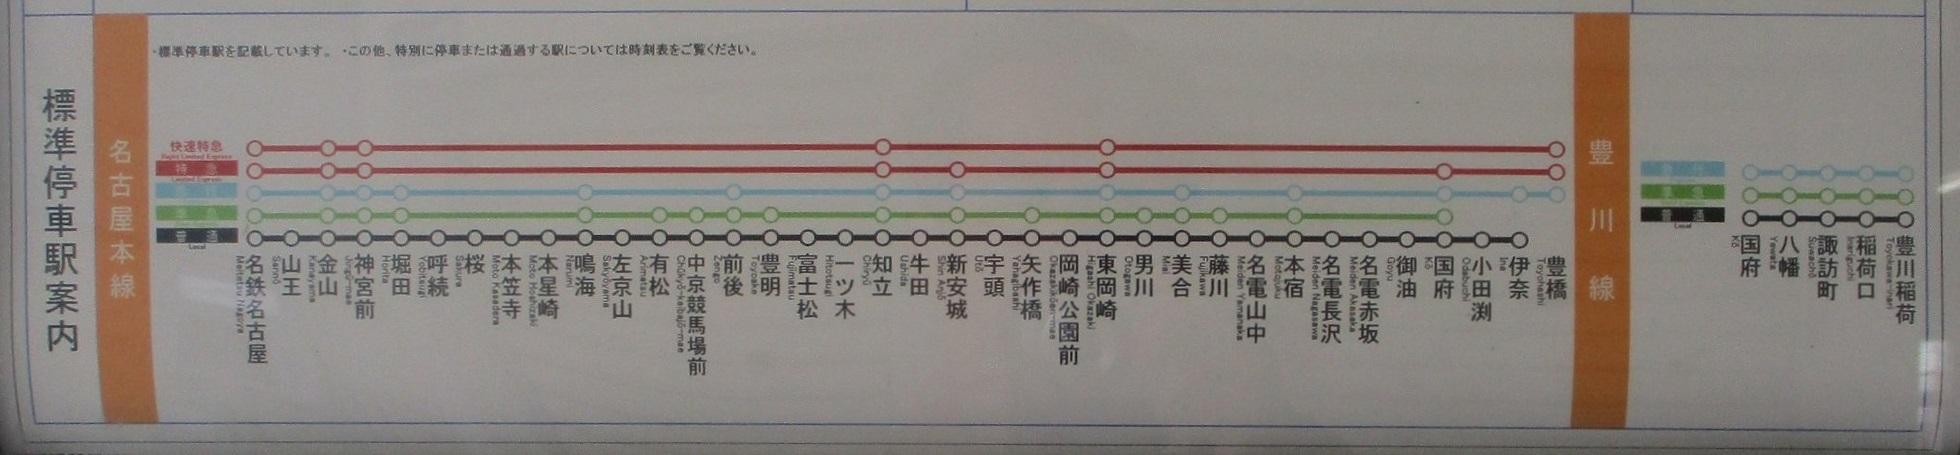 2019.12.5 (4) 矢作橋 - 標準停車駅案内(豊橋方面) 1960-455